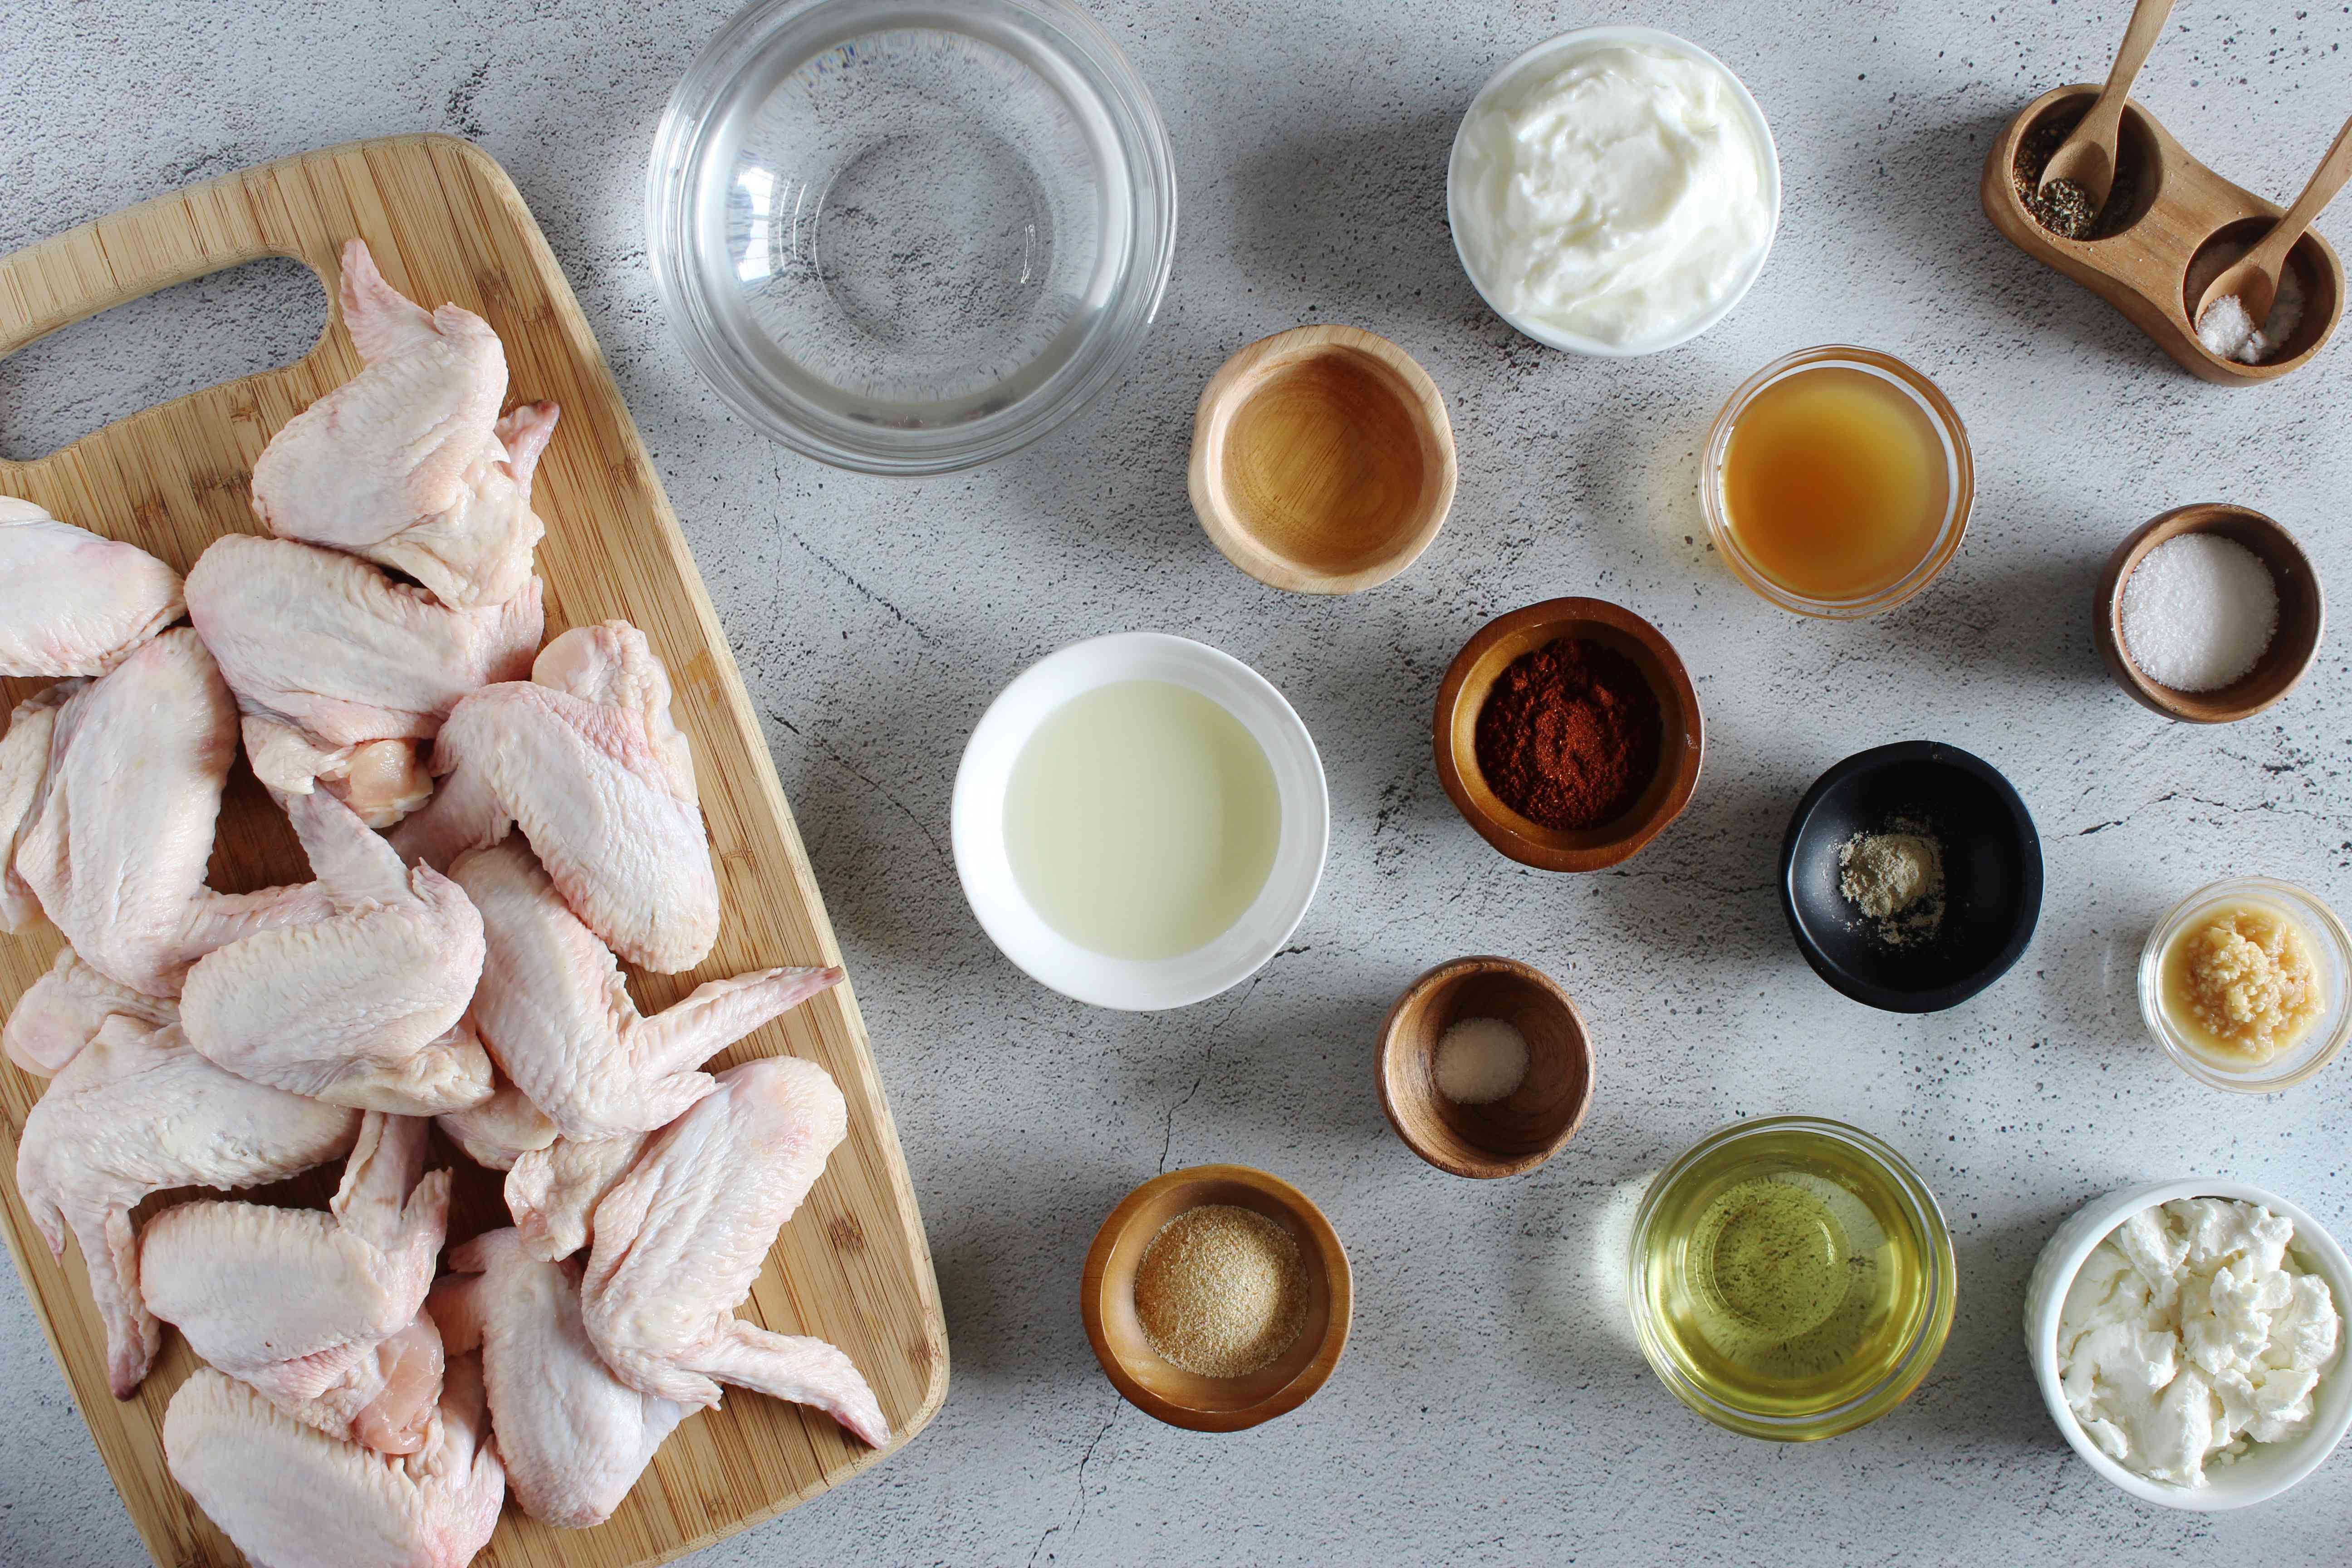 Ingredients for salt and vinegar wings